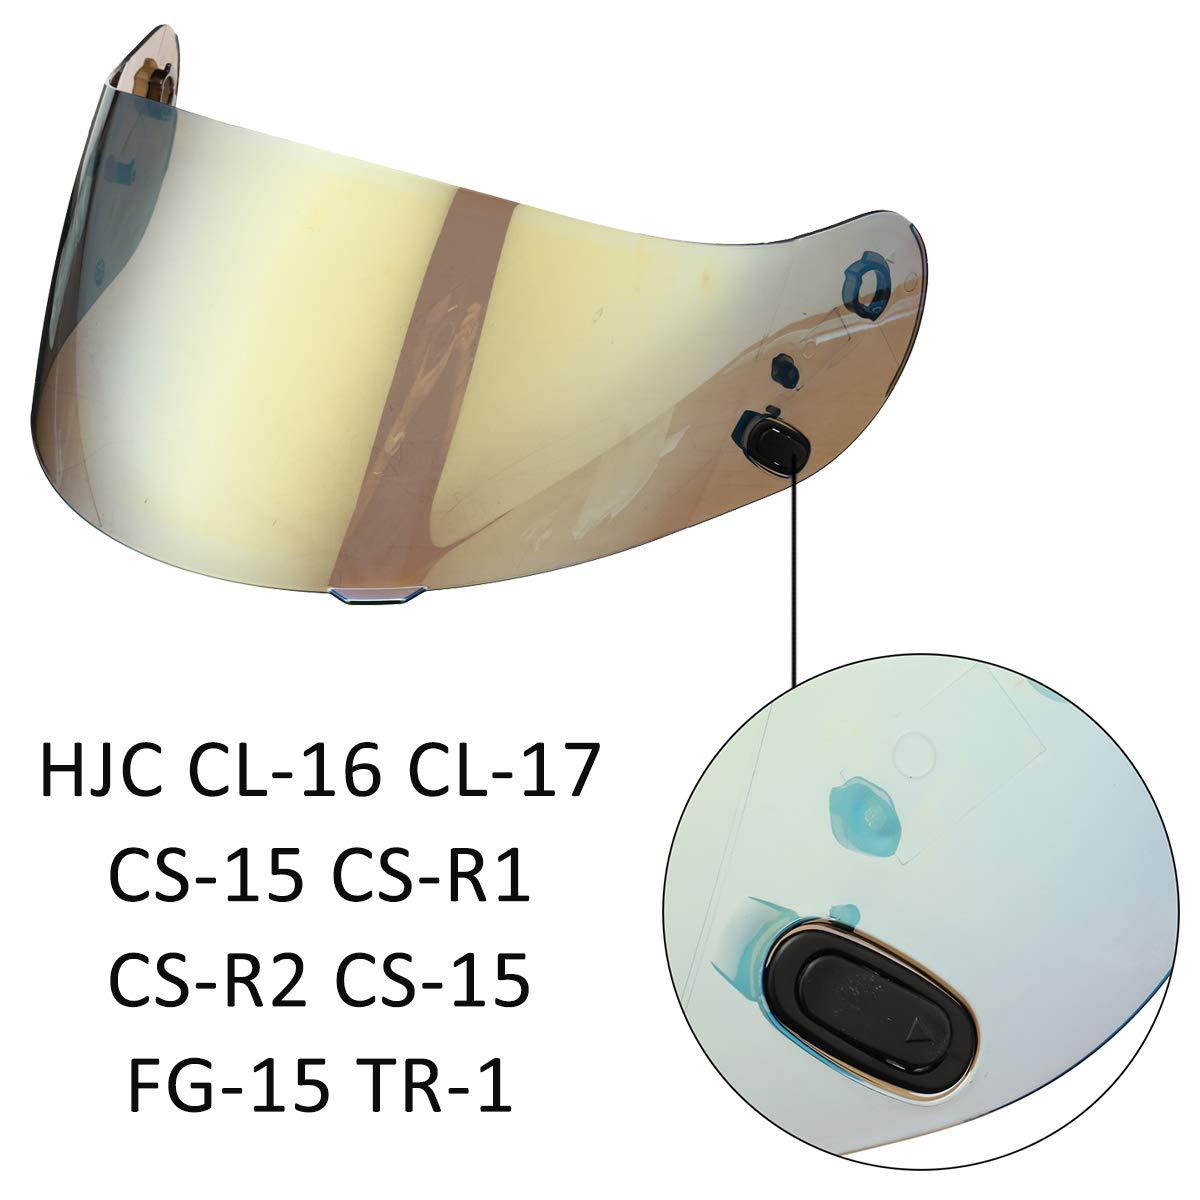 Bunten Viviance Motorradhelm Lens Schild Visor F/ür Hjc Cl-16 Cl-17 Cs-15 Cs-R1 Cs-R2 Cs-15 Fg-15 Tr-1